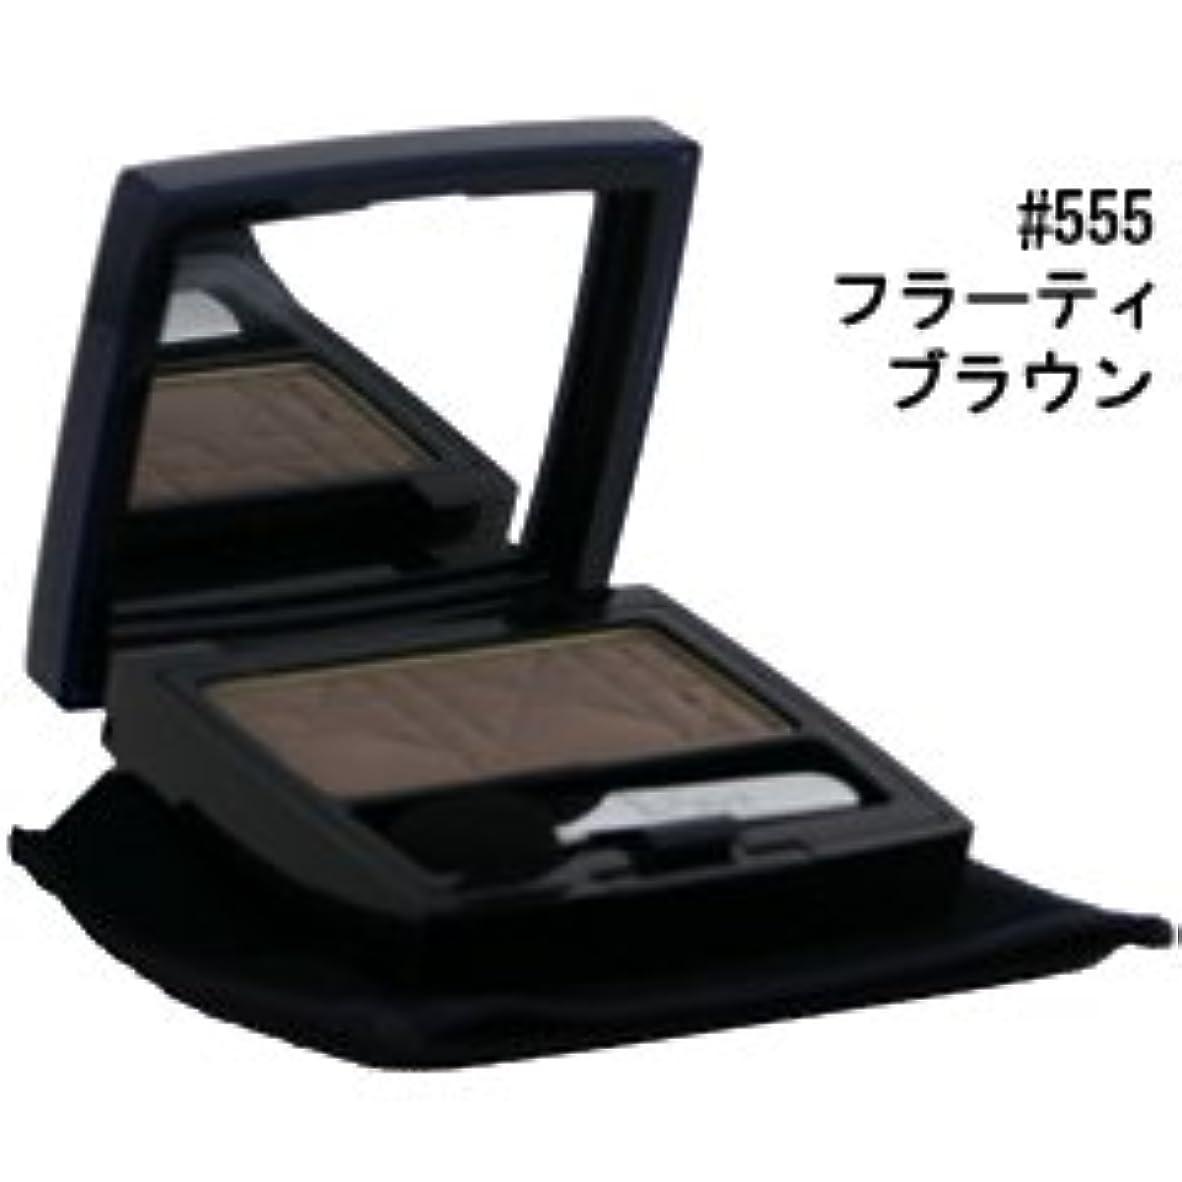 【クリスチャン ディオール】アン クルール #555 フラーティブラウン 2.2g [並行輸入品]